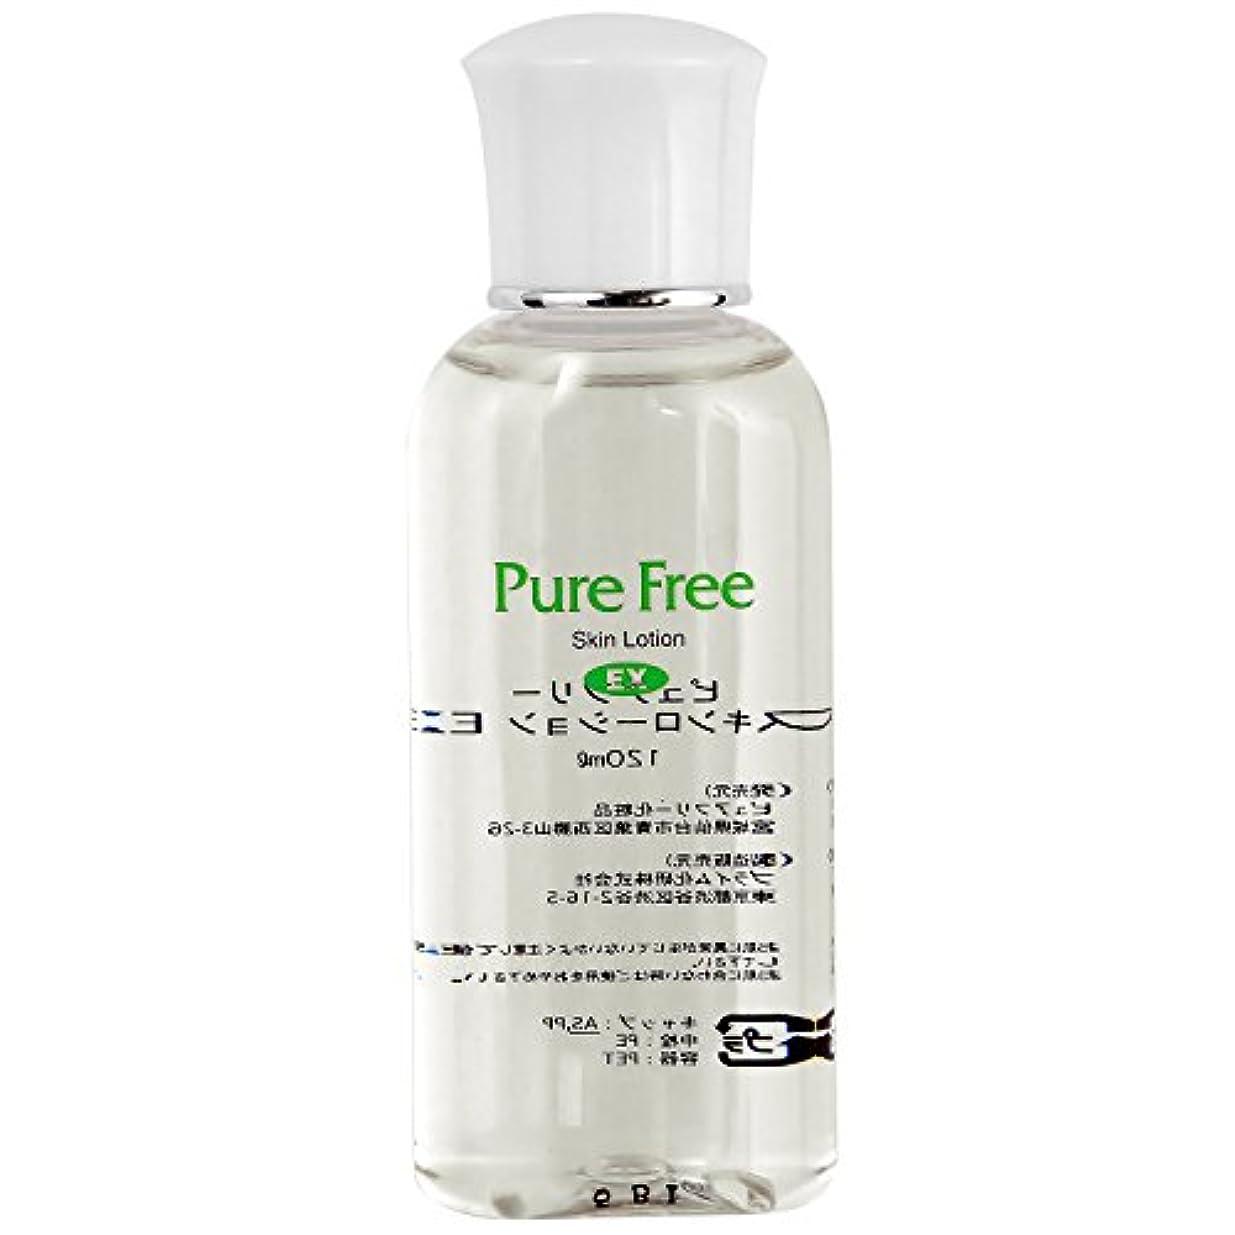 間隔ニコチン大量Pure Free (ピュアフリー) スキンローションEX 正規品 化粧水 保湿用水分 オーガニック